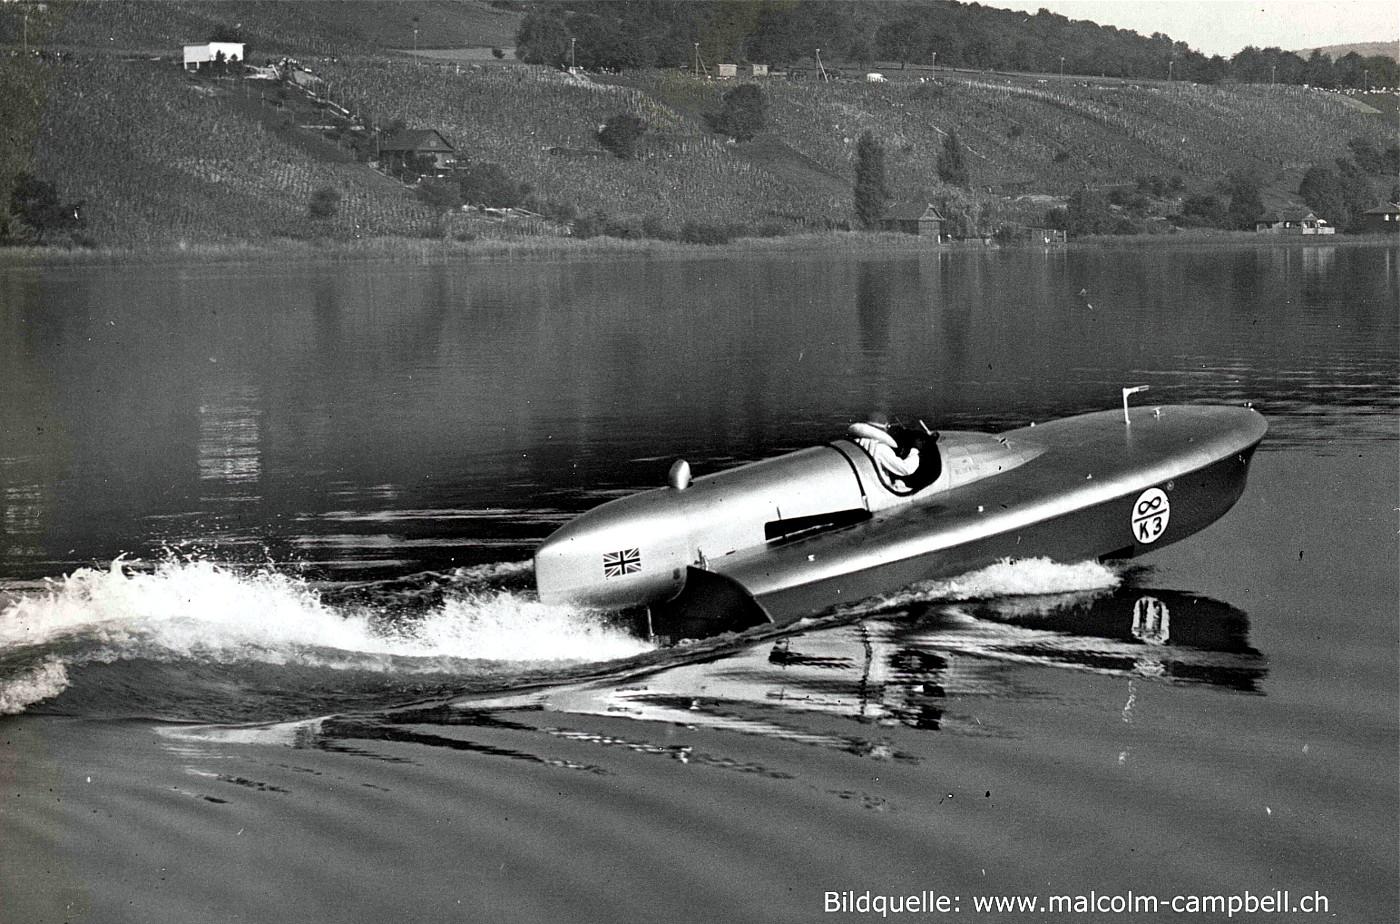 Hallwilersee 17. September 1938 Start der Rekordfahrt in Richtung Süden. Im Hintergrund das Rügelbad von Seengen. (Bildquelle: www.malcolm-campbell.ch)